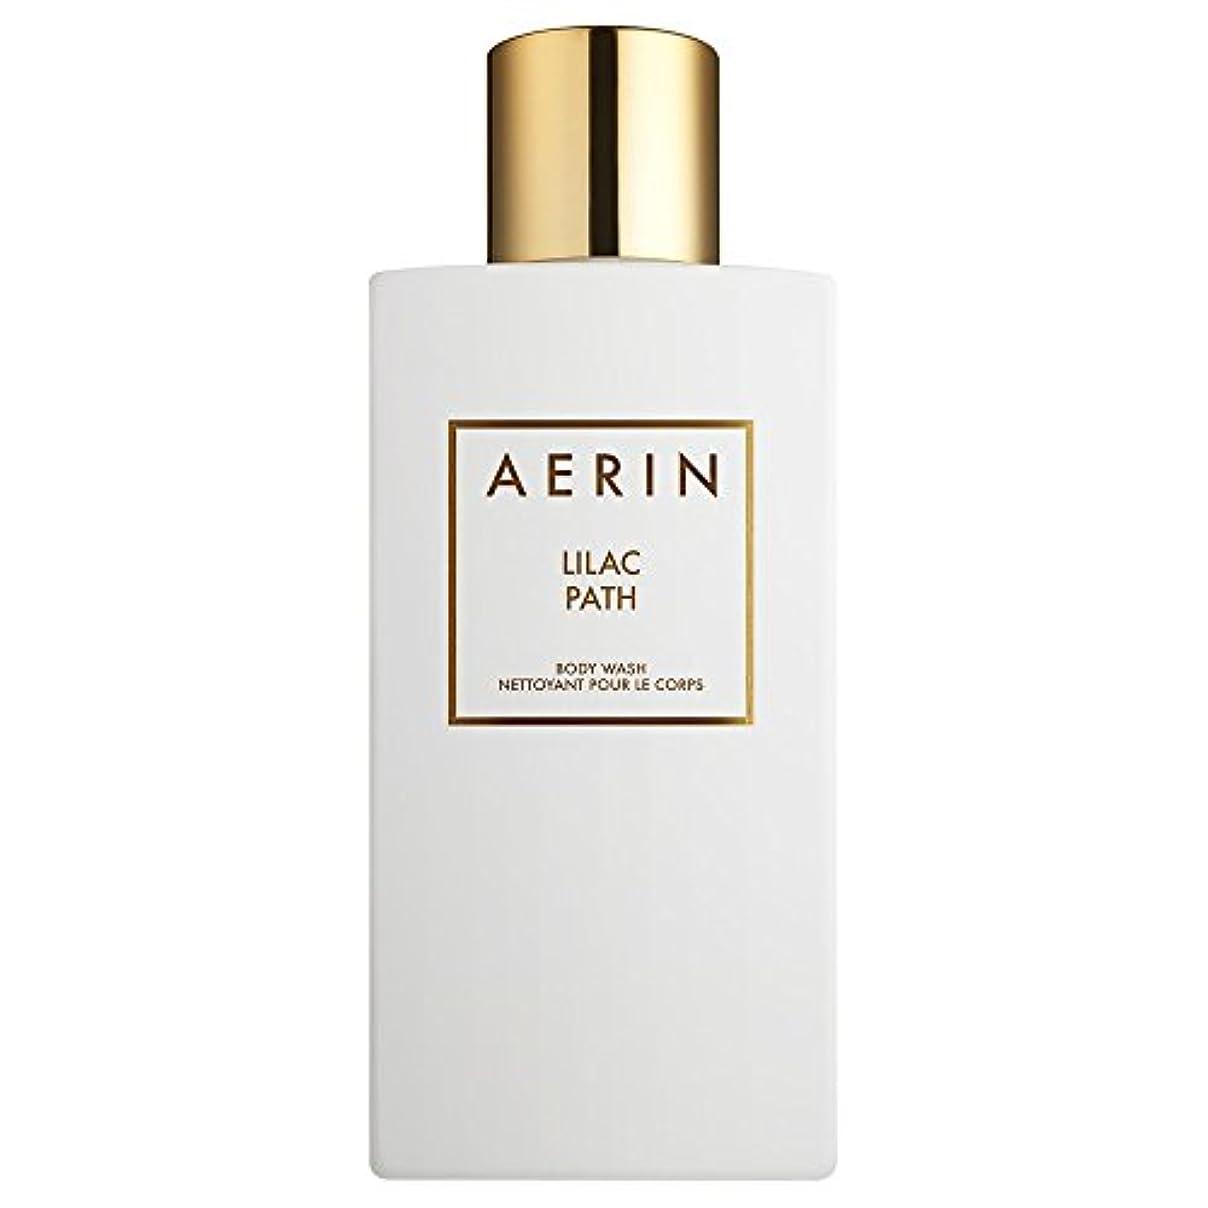 荷物スーパー鳴り響くAerinライラックパスボディウォッシュ225ミリリットル (AERIN) (x2) - AERIN Lilac Path Bodywash 225ml (Pack of 2) [並行輸入品]